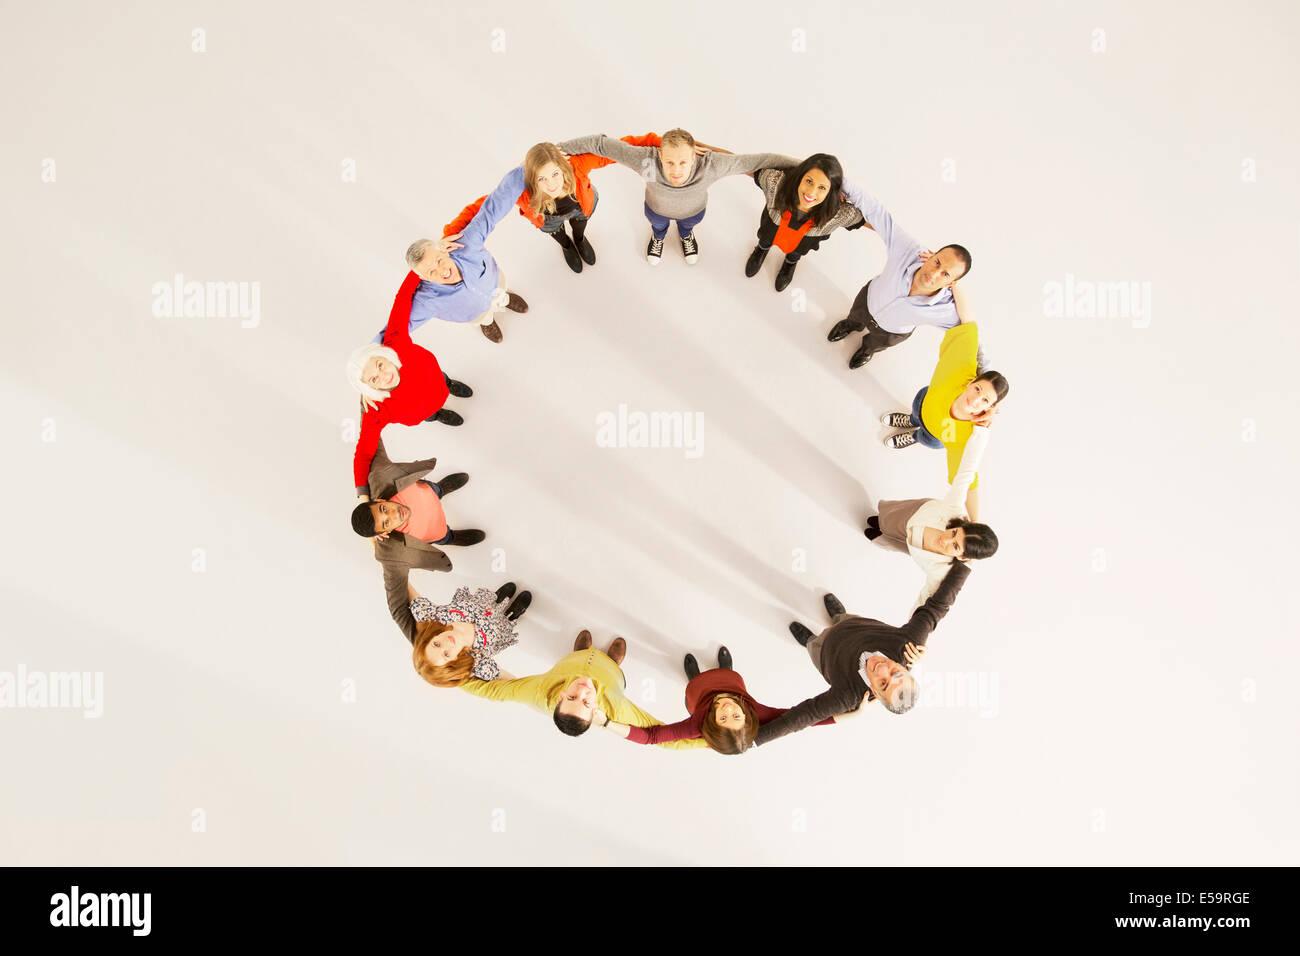 Personnes connectées en cercle Photo Stock